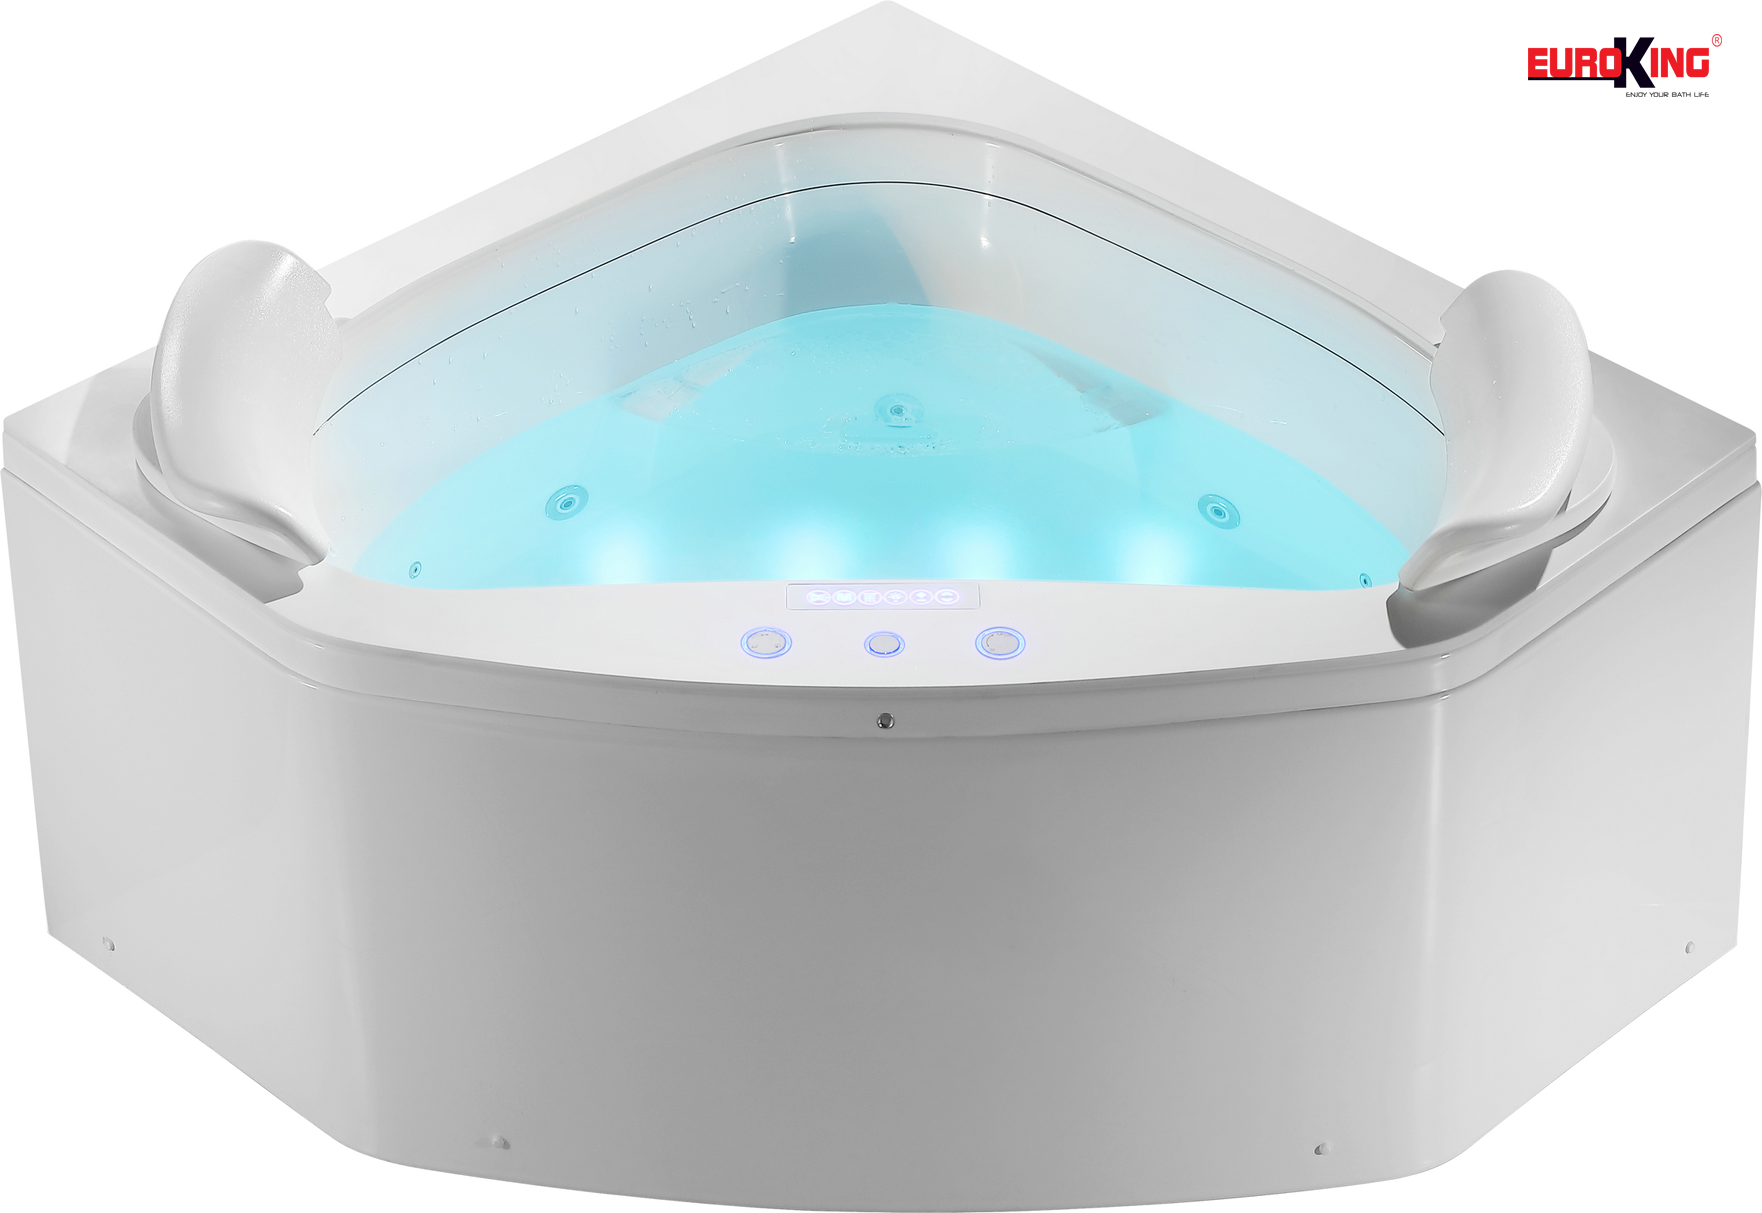 Phía trong lòng bồn tắm massage EU-1503.